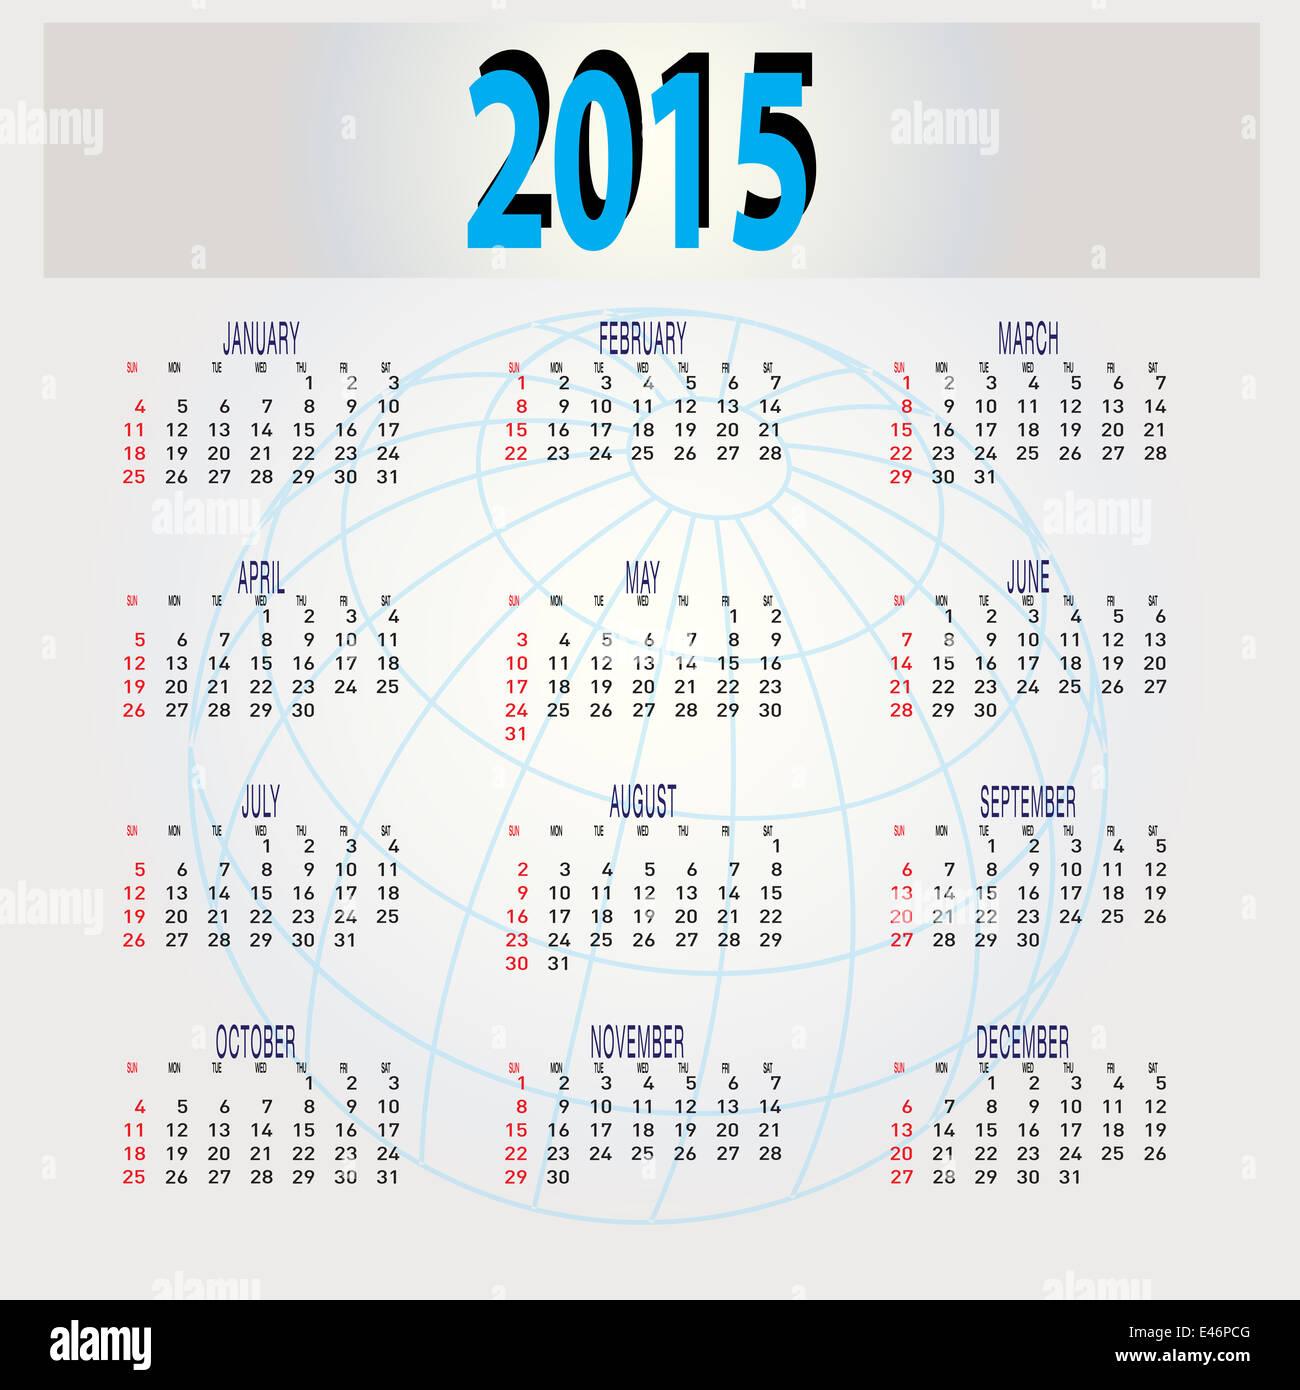 Fantastisch Monat Kalendervorlage Ideen - Entry Level Resume ...